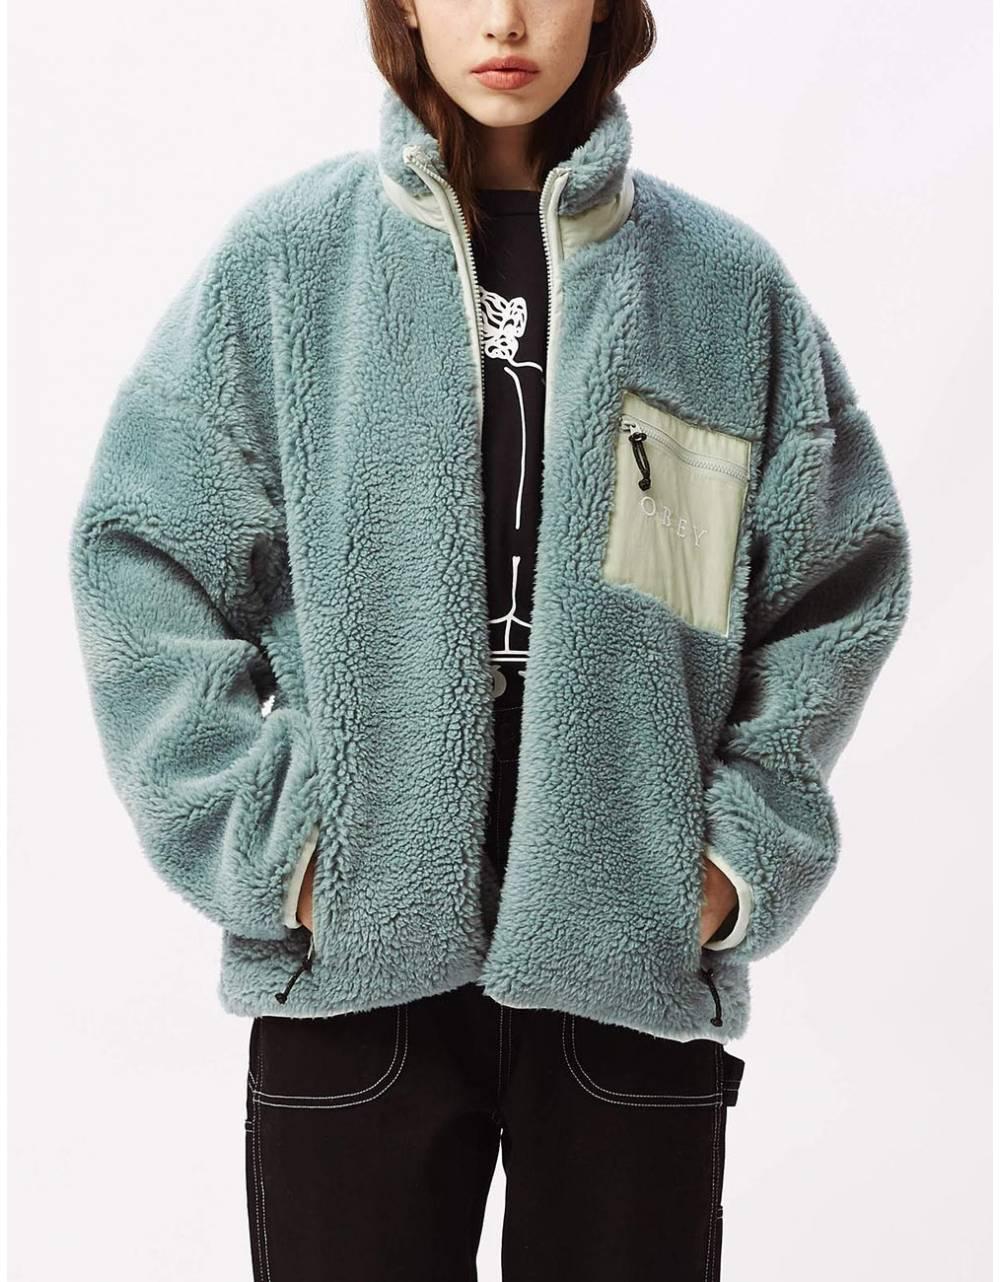 Obey Woman mesa sherpa jacket - mineral blue obey Jacket 151,64€